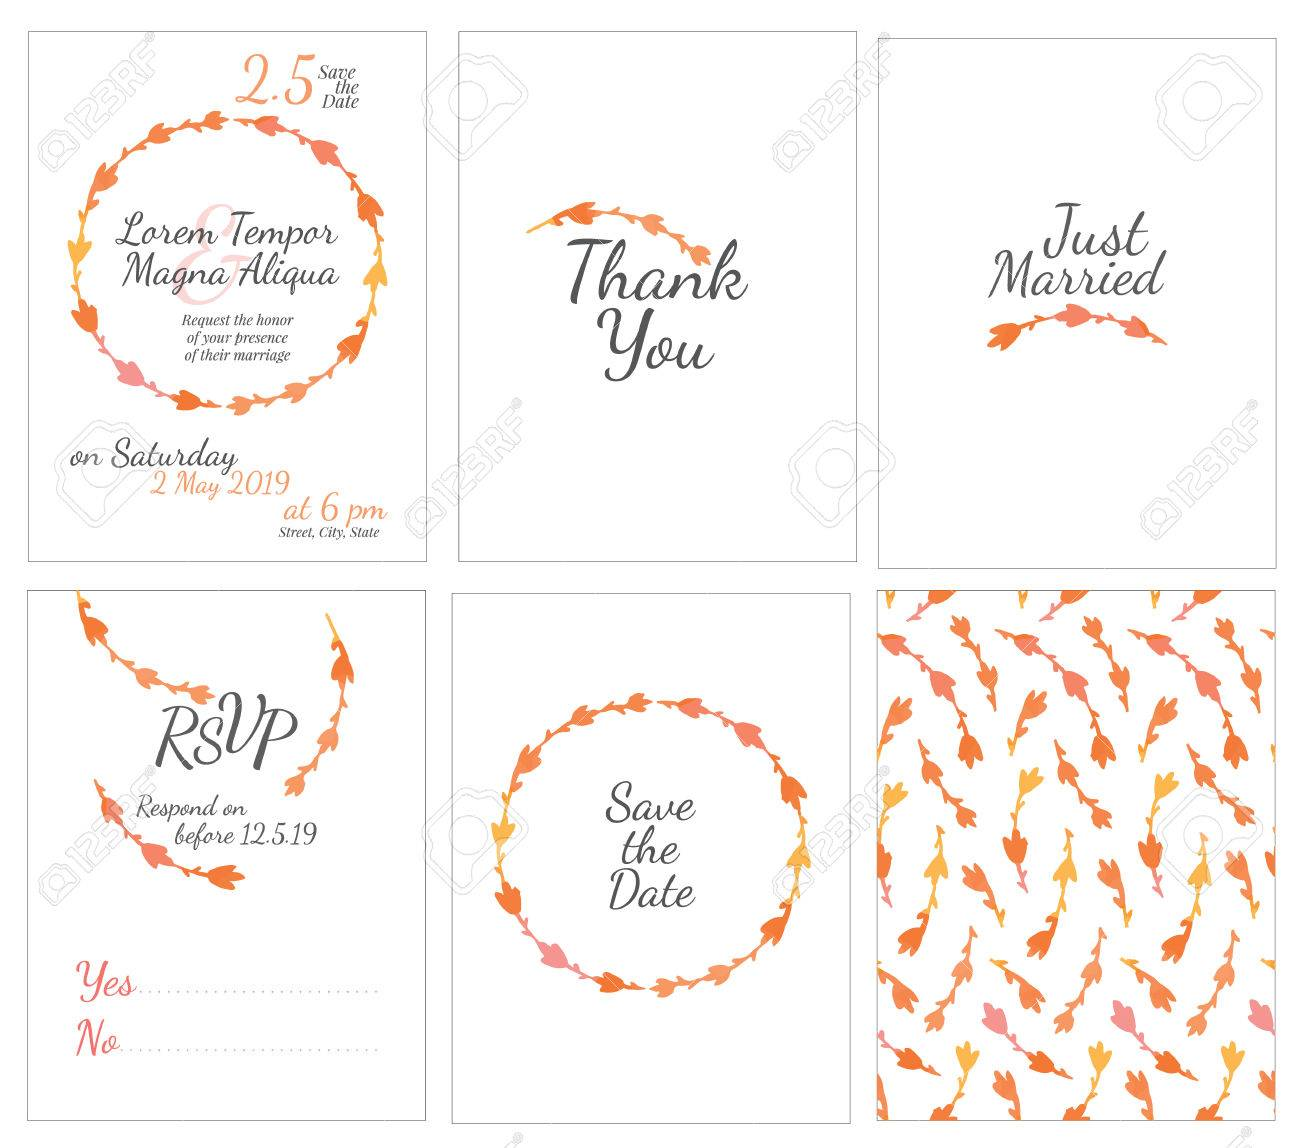 satz von sanften hochzeitskarten postkarte mit der einladung besttigung speichern sie das datum - Bestatigung Muster